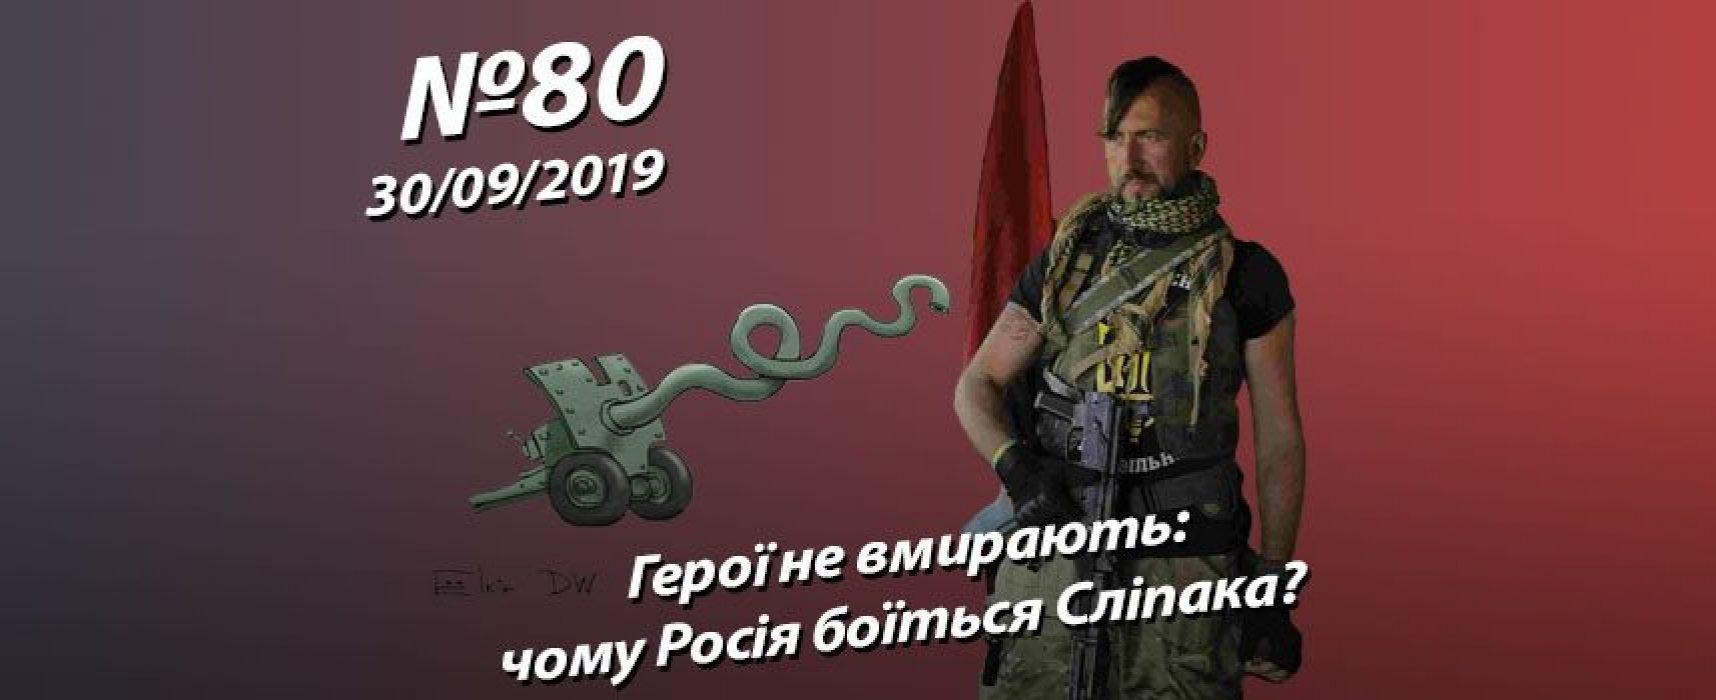 Герої не вмирають: чому Росія боїться Сліпака – StopFake.org